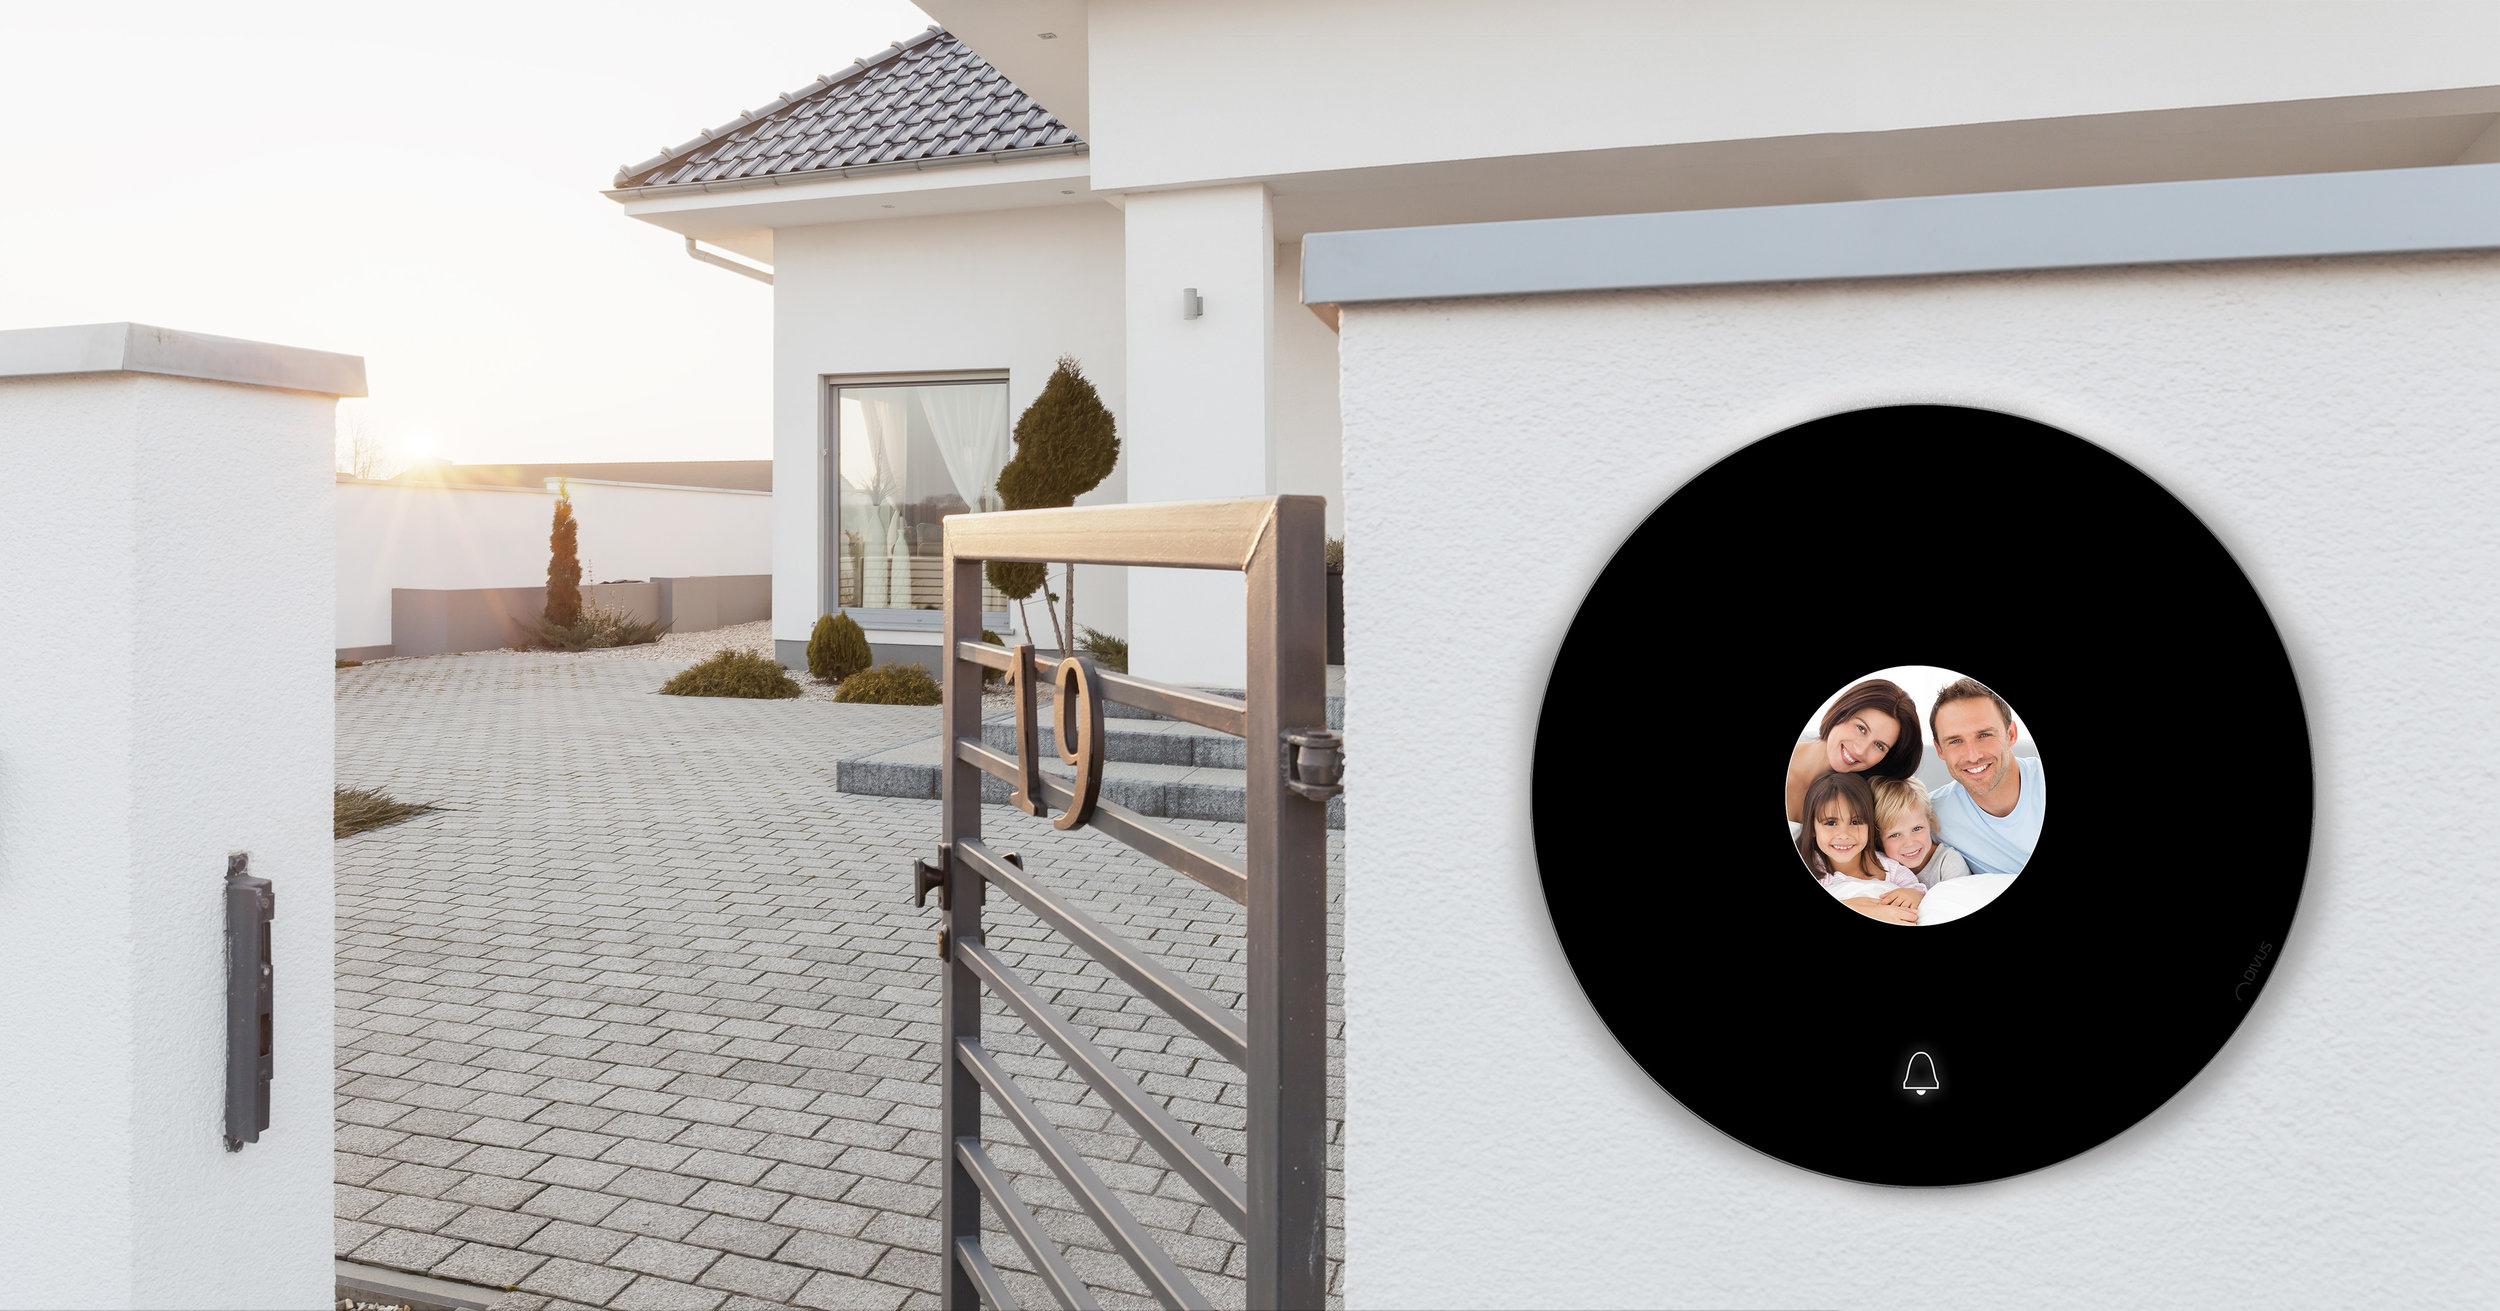 DIVUS CIRCLEmehr als nur eine Klingel - Innovativ, einzigartig, rund! Die neue Türsprechanlage von DIVUS.Design by BEYOND GREEN